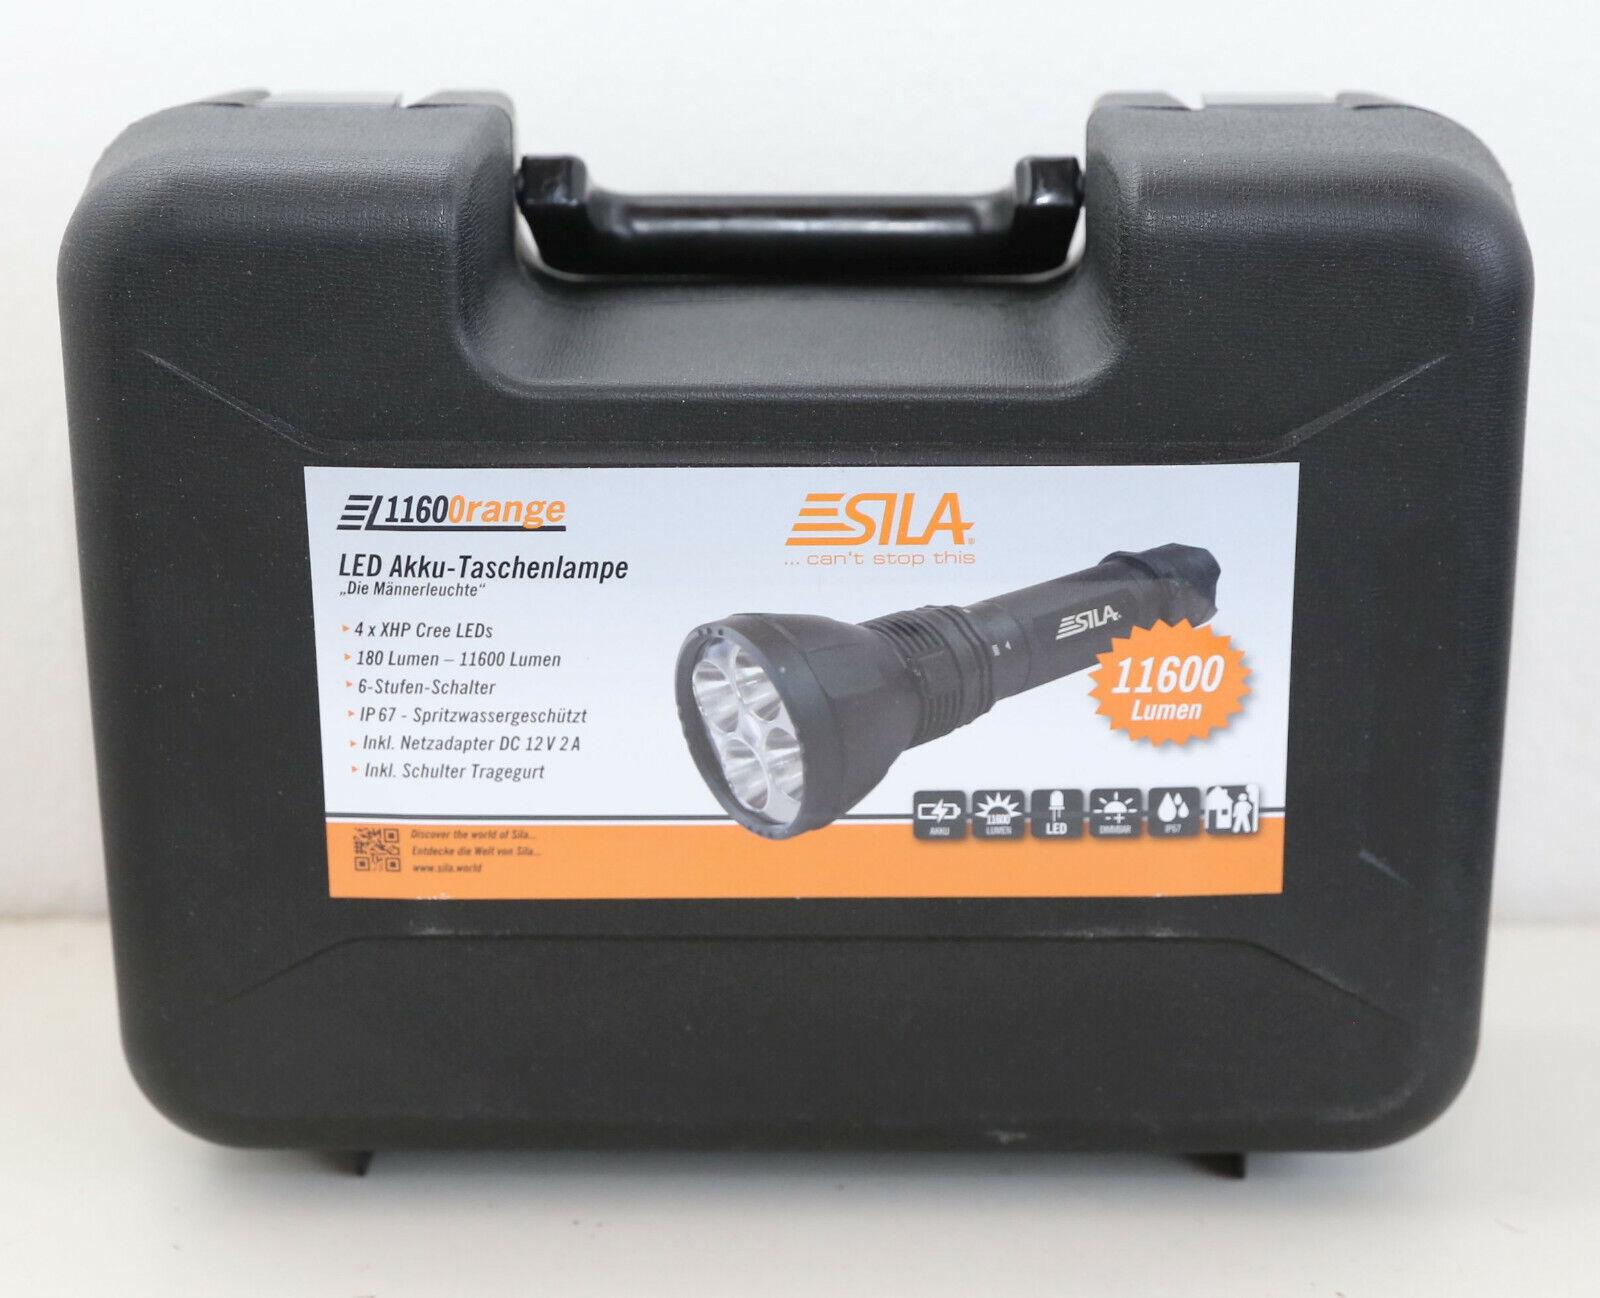 Sila   Die Männerleuchte   - LED Akku Taschenlampe mit 11600 Lumen -  | Praktisch Und Wirtschaftlich